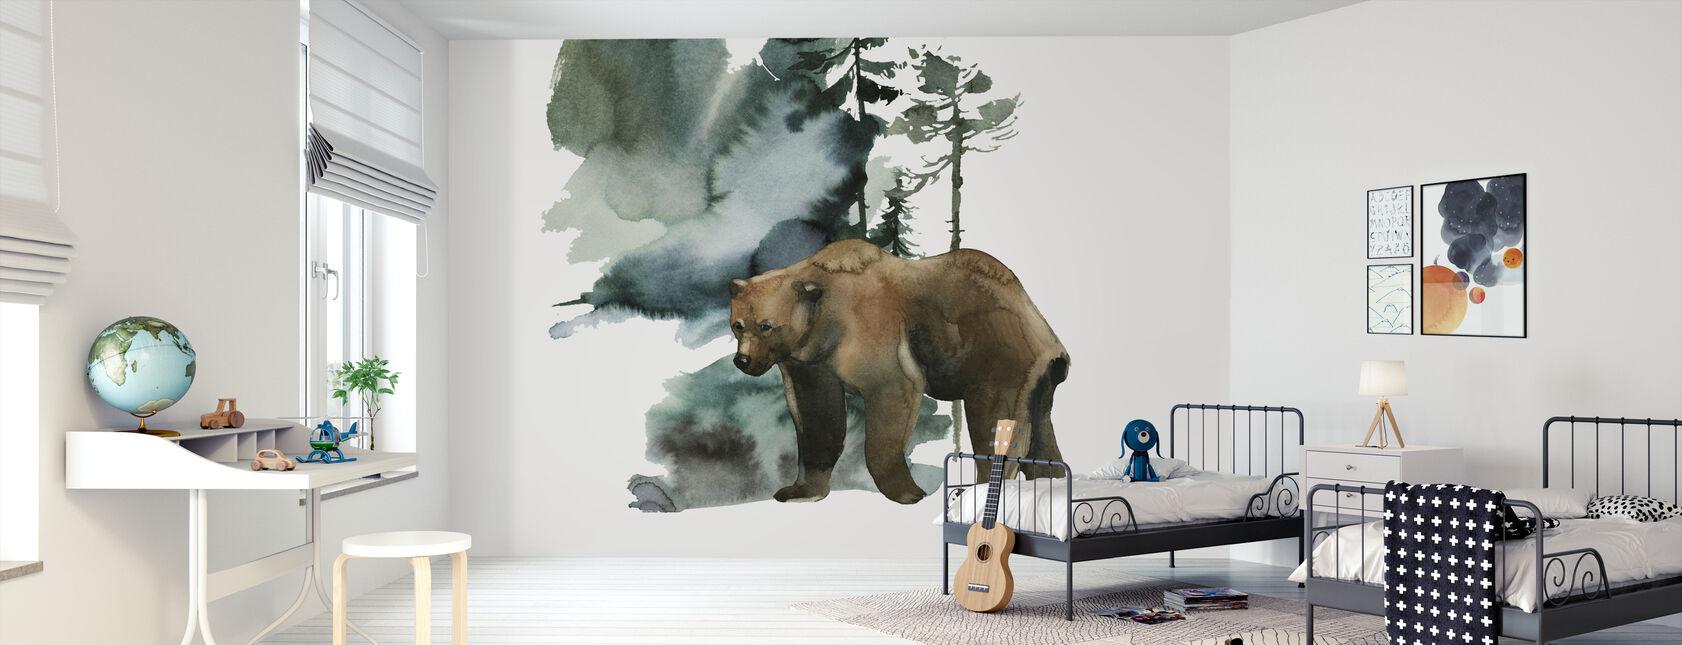 Bosque de Osos Acuarela - Papel pintado - Cuarto de niños